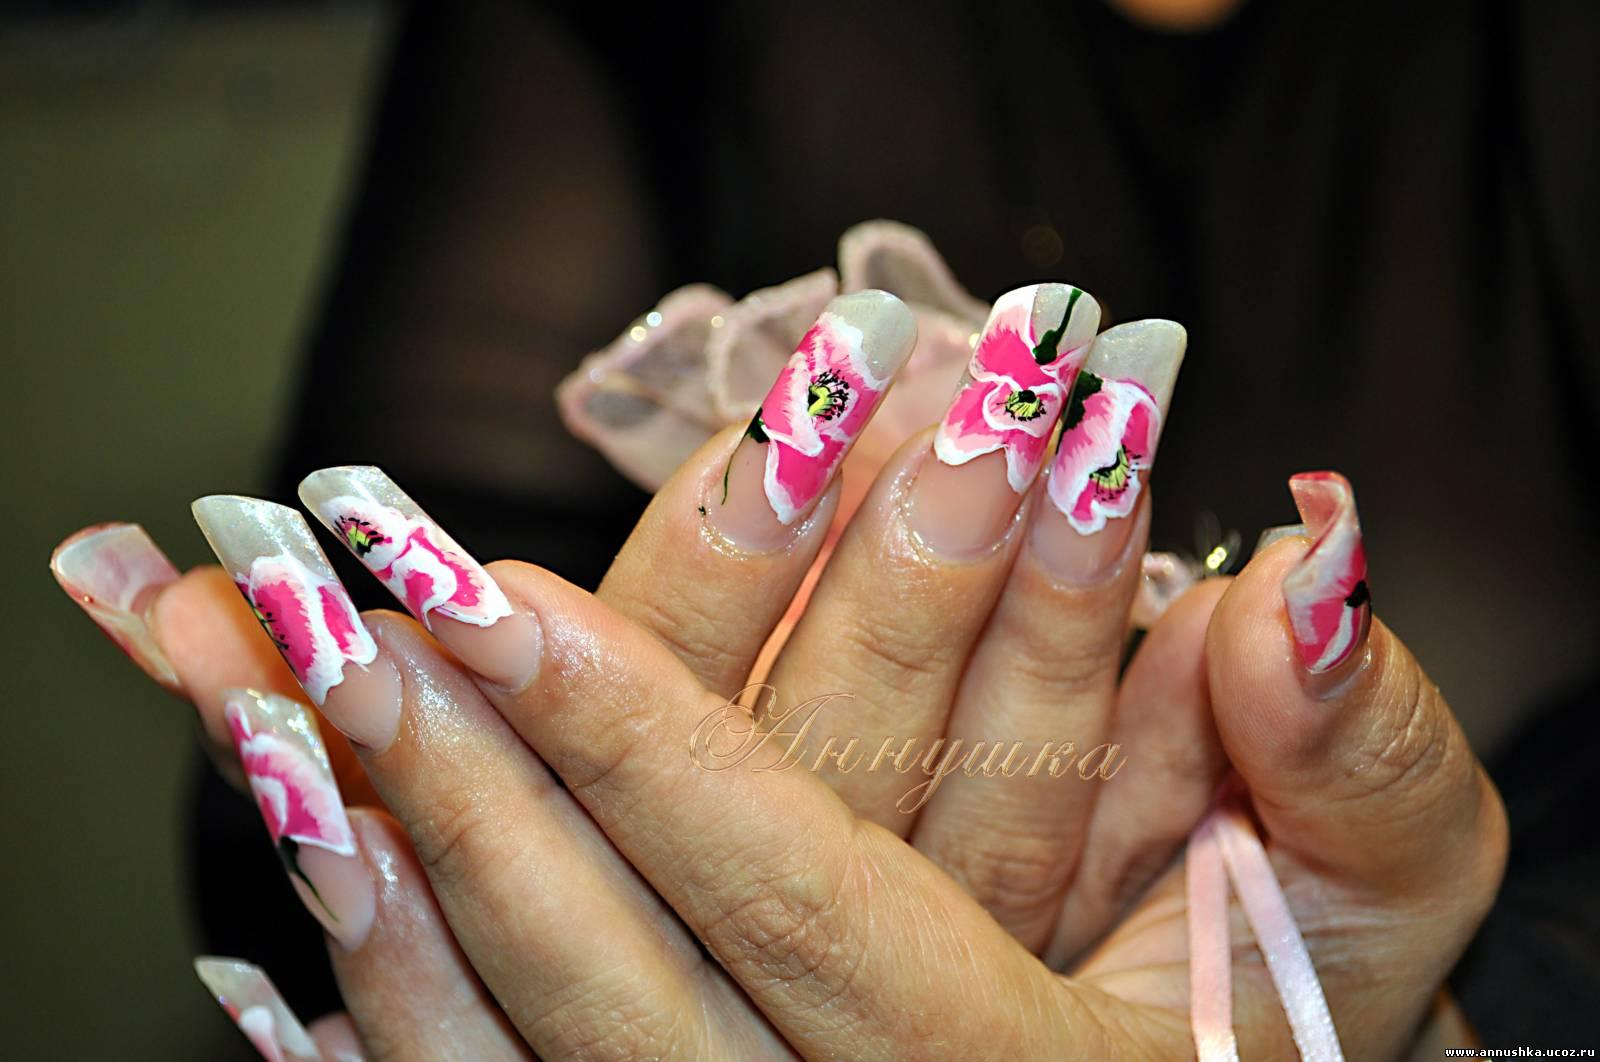 Нарощенные ногти фото пайпы